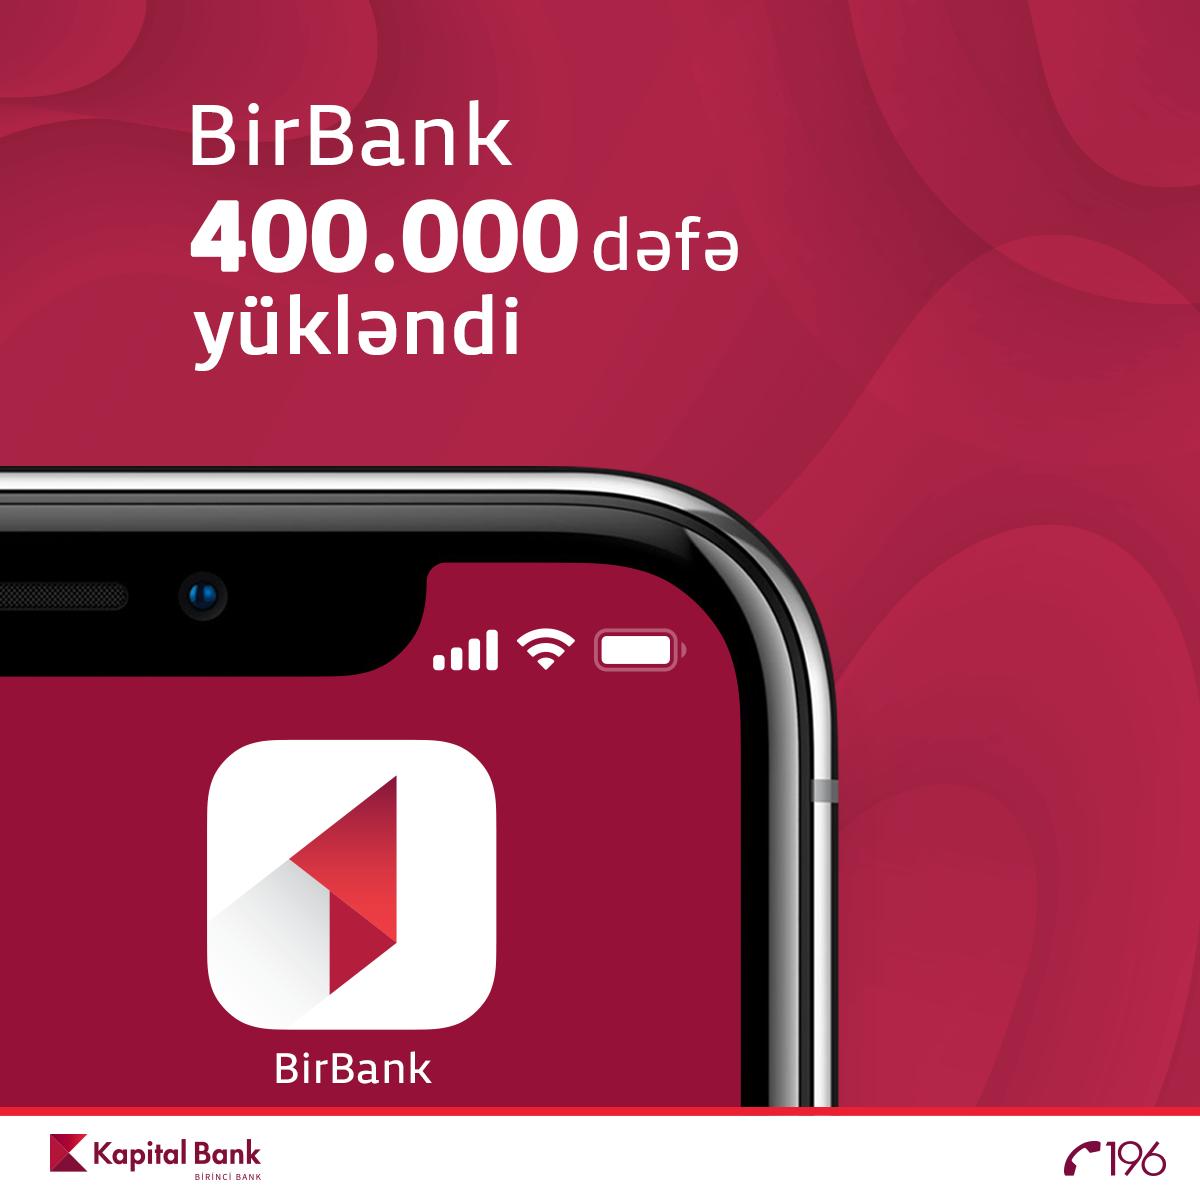 Количество пользователей BirBank превысило 400 000